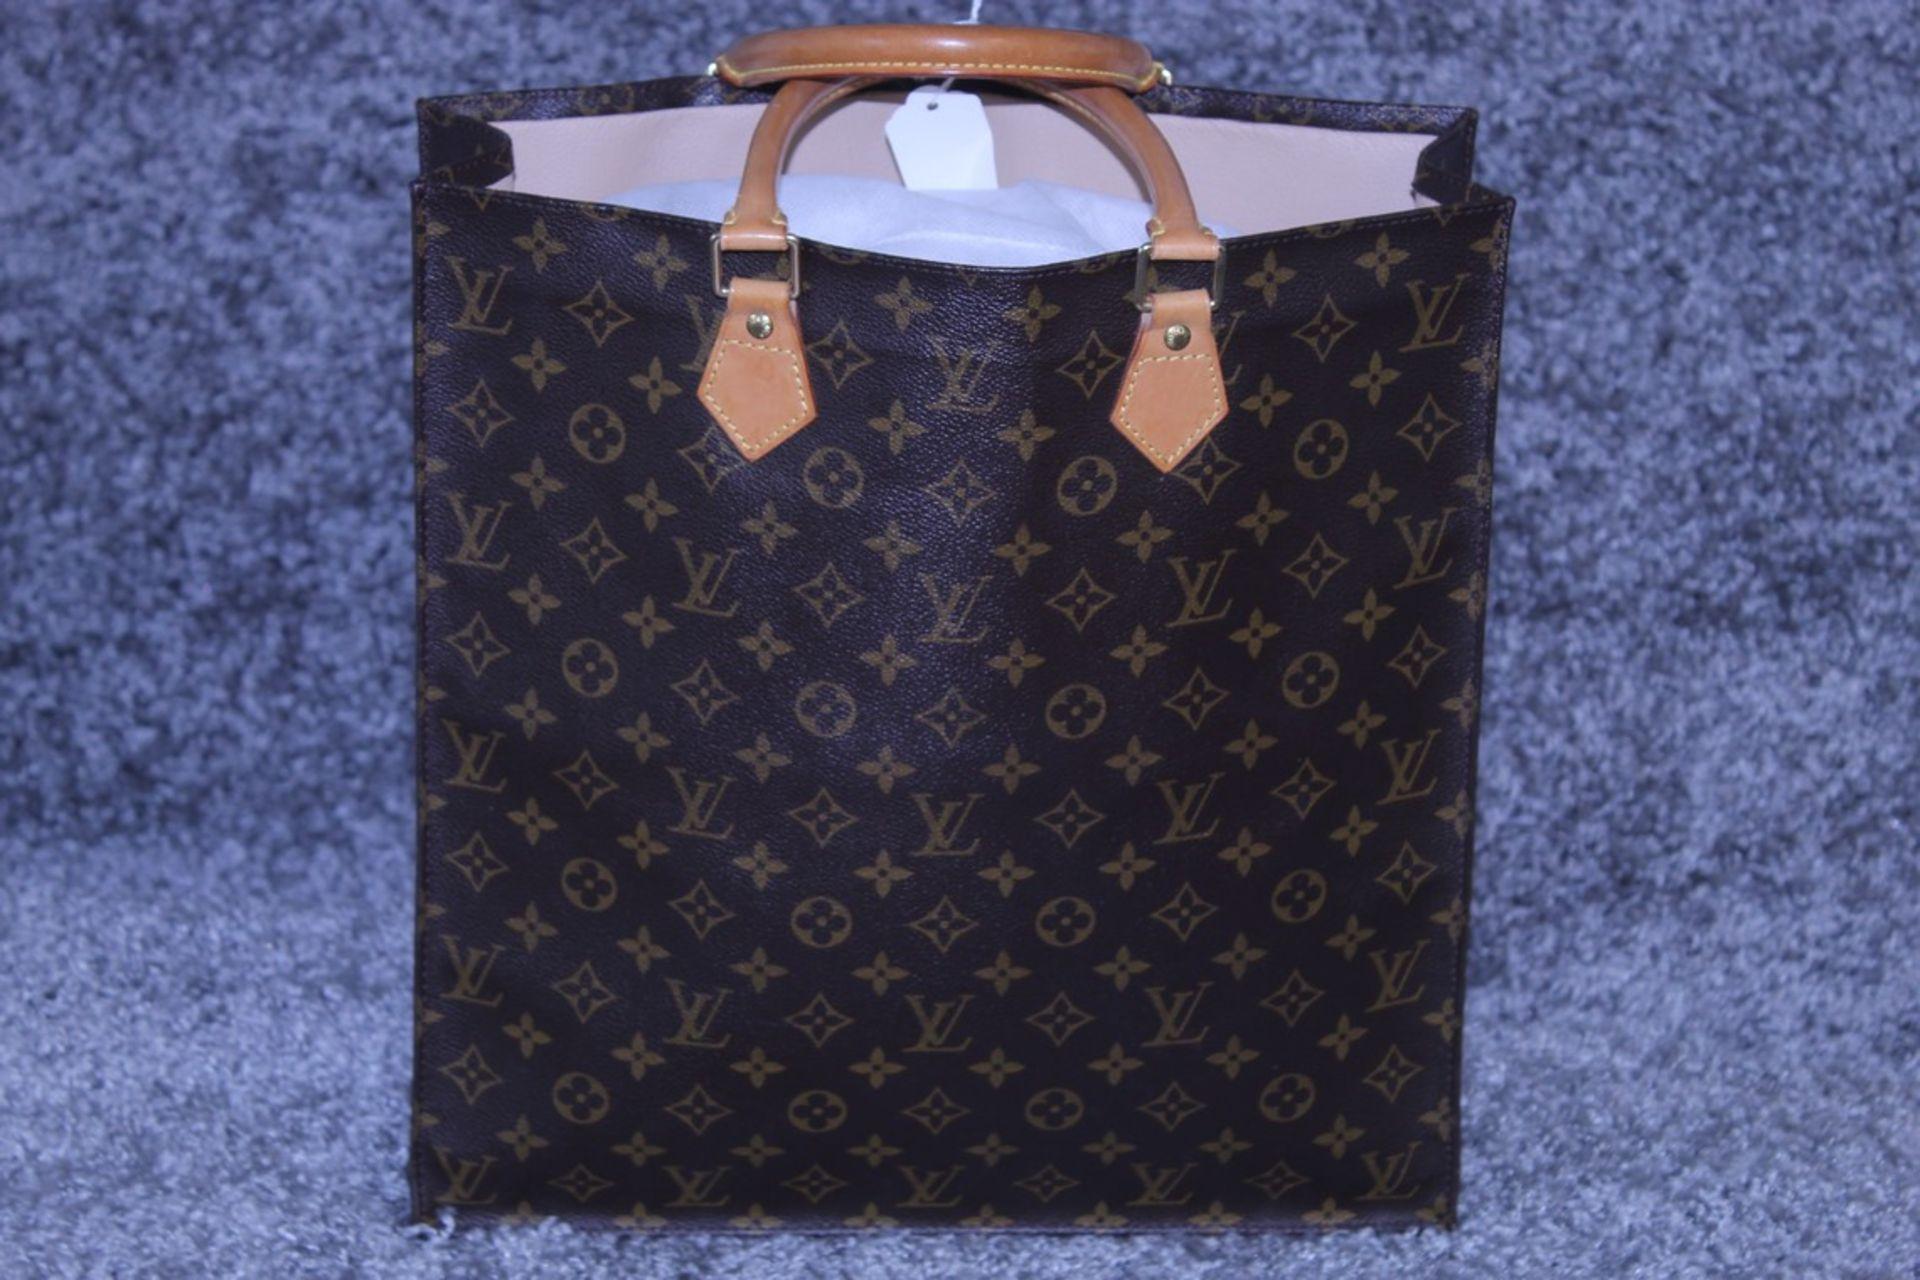 RRP £1,950 Louis Vuitton Sac Plat Shoulder Bag, Brown Coated Monogram Canvas 35X37X5Cm, Condition - Image 2 of 3